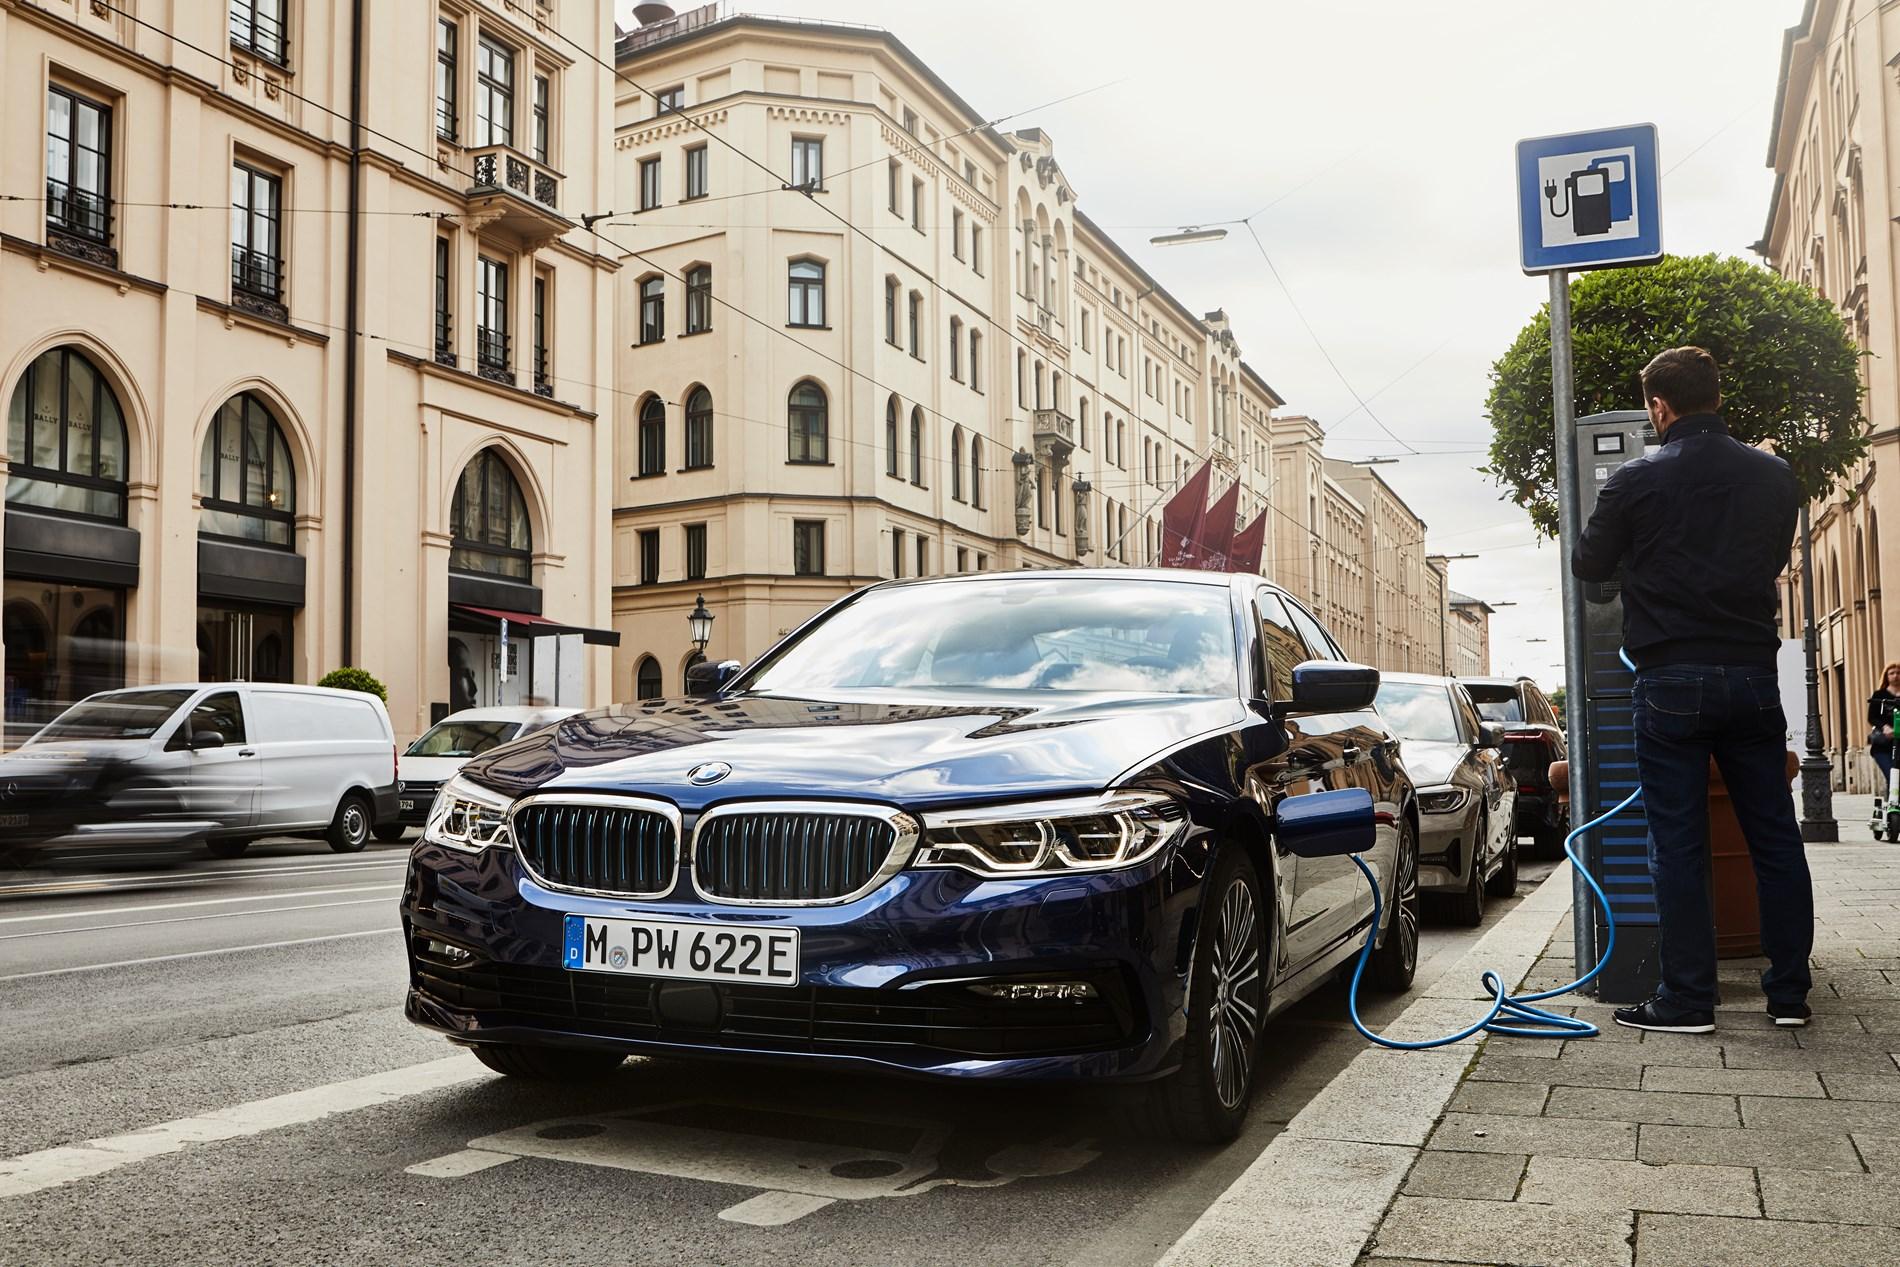 Meer variatie, meer elektrisch bereik, minder CO2: de BMW 530e Berline met de nieuwste batterijtechnologie.